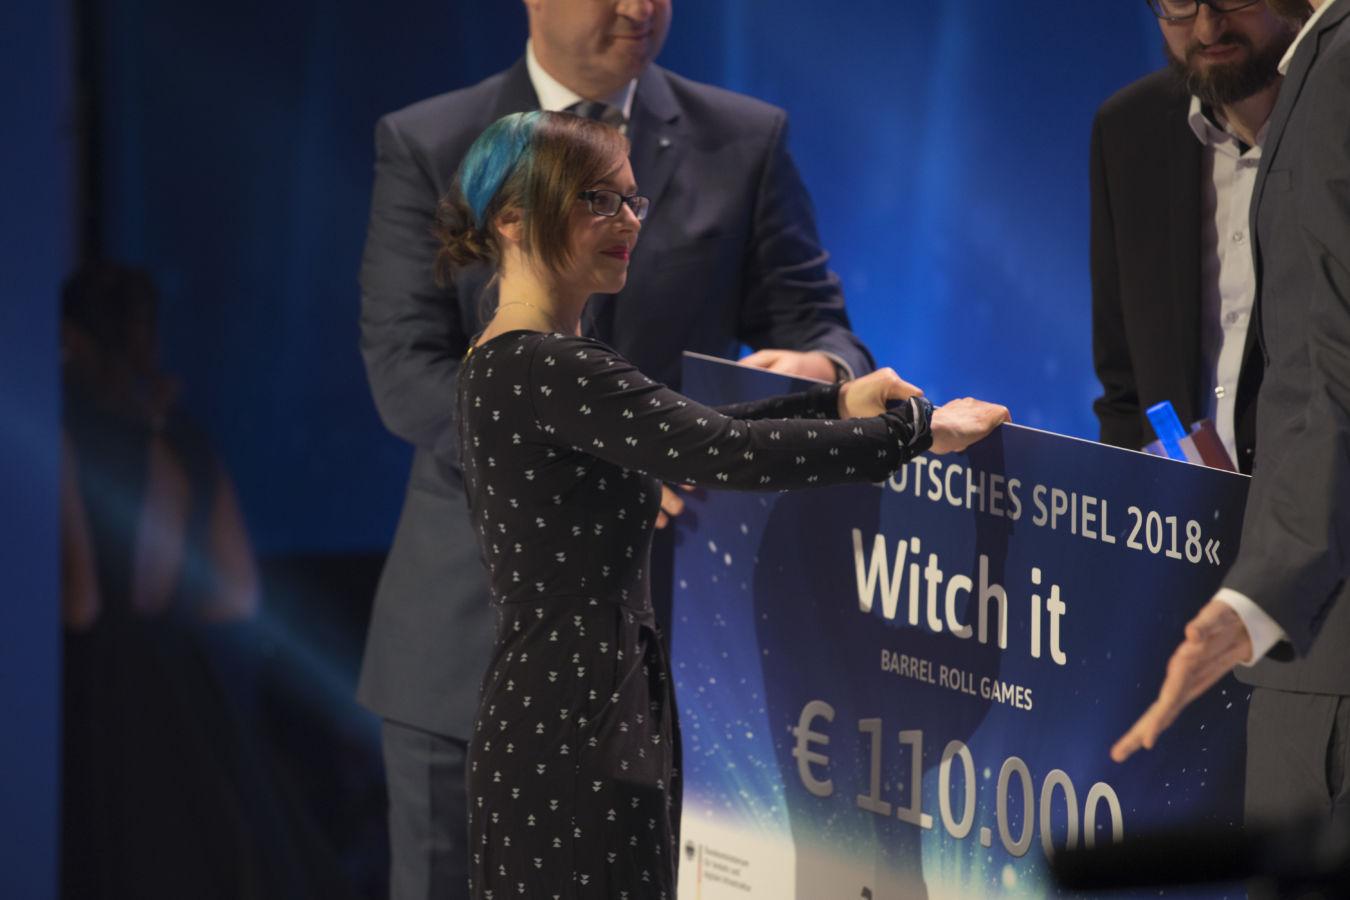 Dreimal gewannen die Entwickler von Witch it in diesem Jahr. Darunter auch den Titel des Bestes deutschen Spiels 2018.